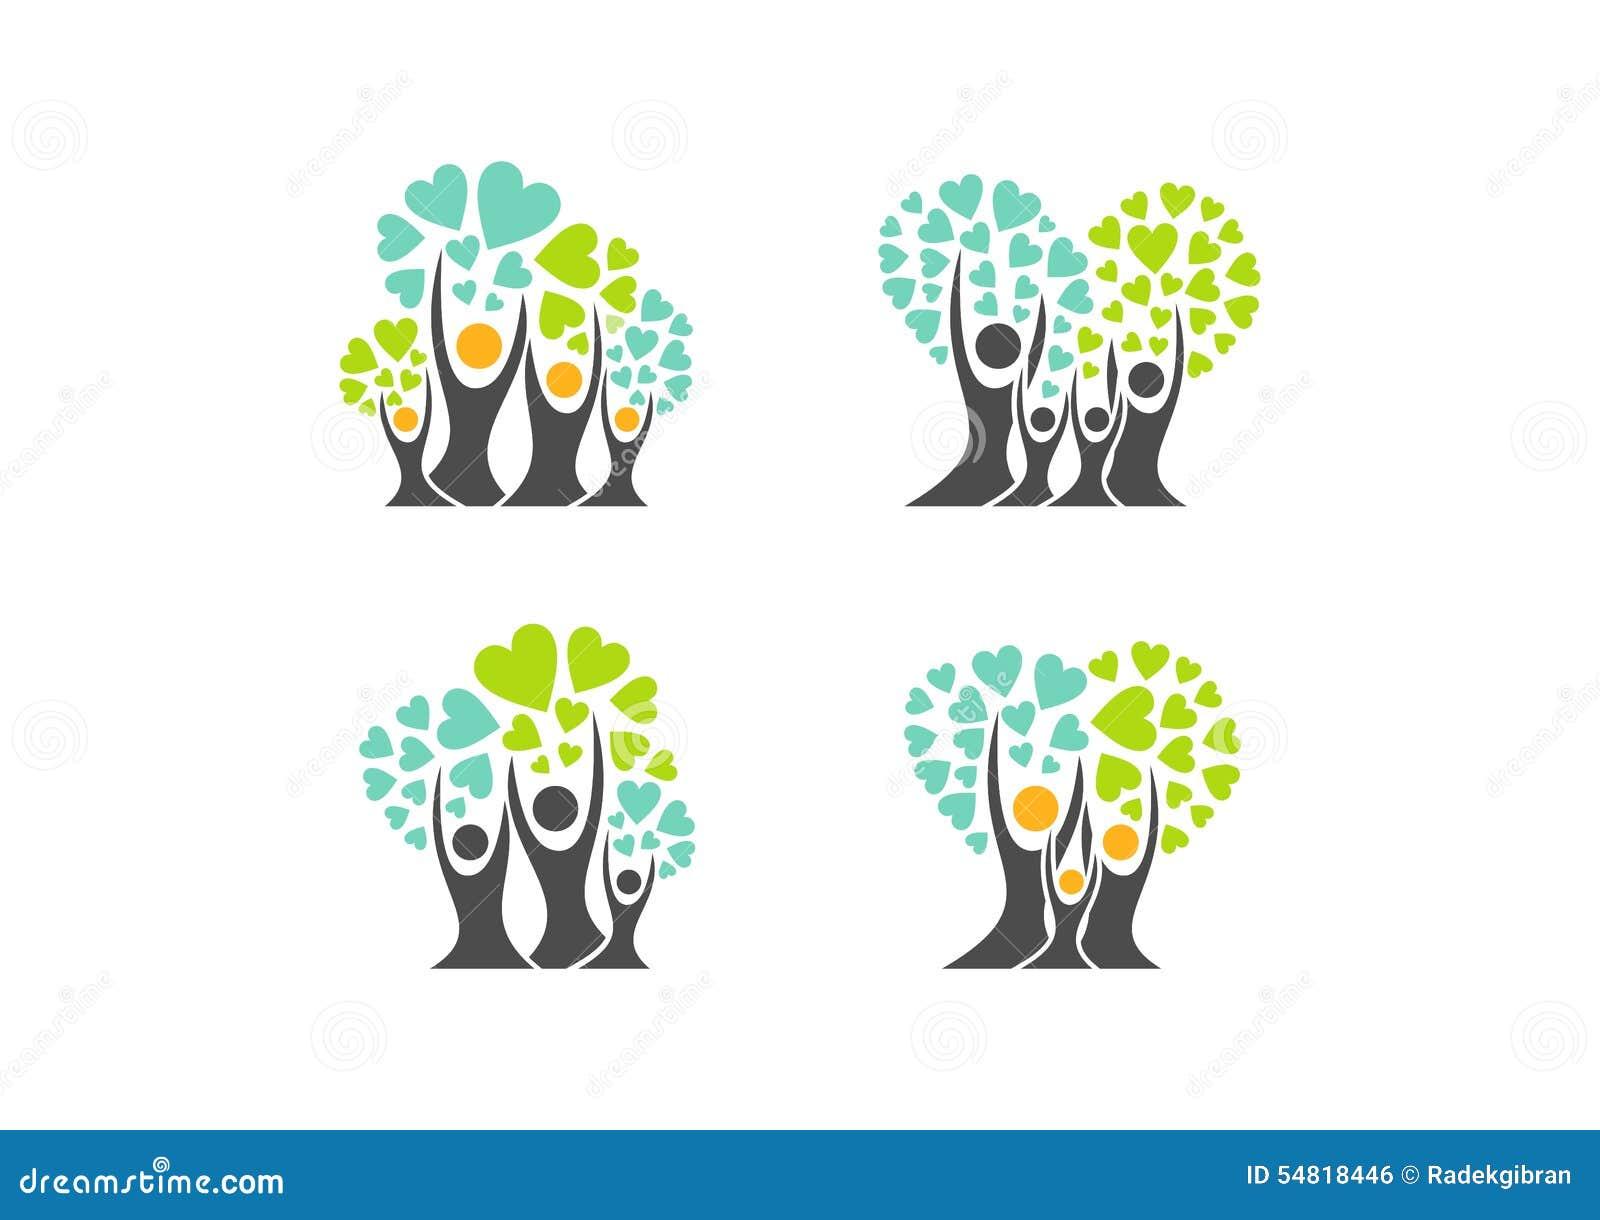 Stammbaumlogo, Familienherz-Baumsymbole, Elternteil, Kind, Parenting, Sorgfalt, Ikonen-Designvektor der Gesundheitserziehung gese